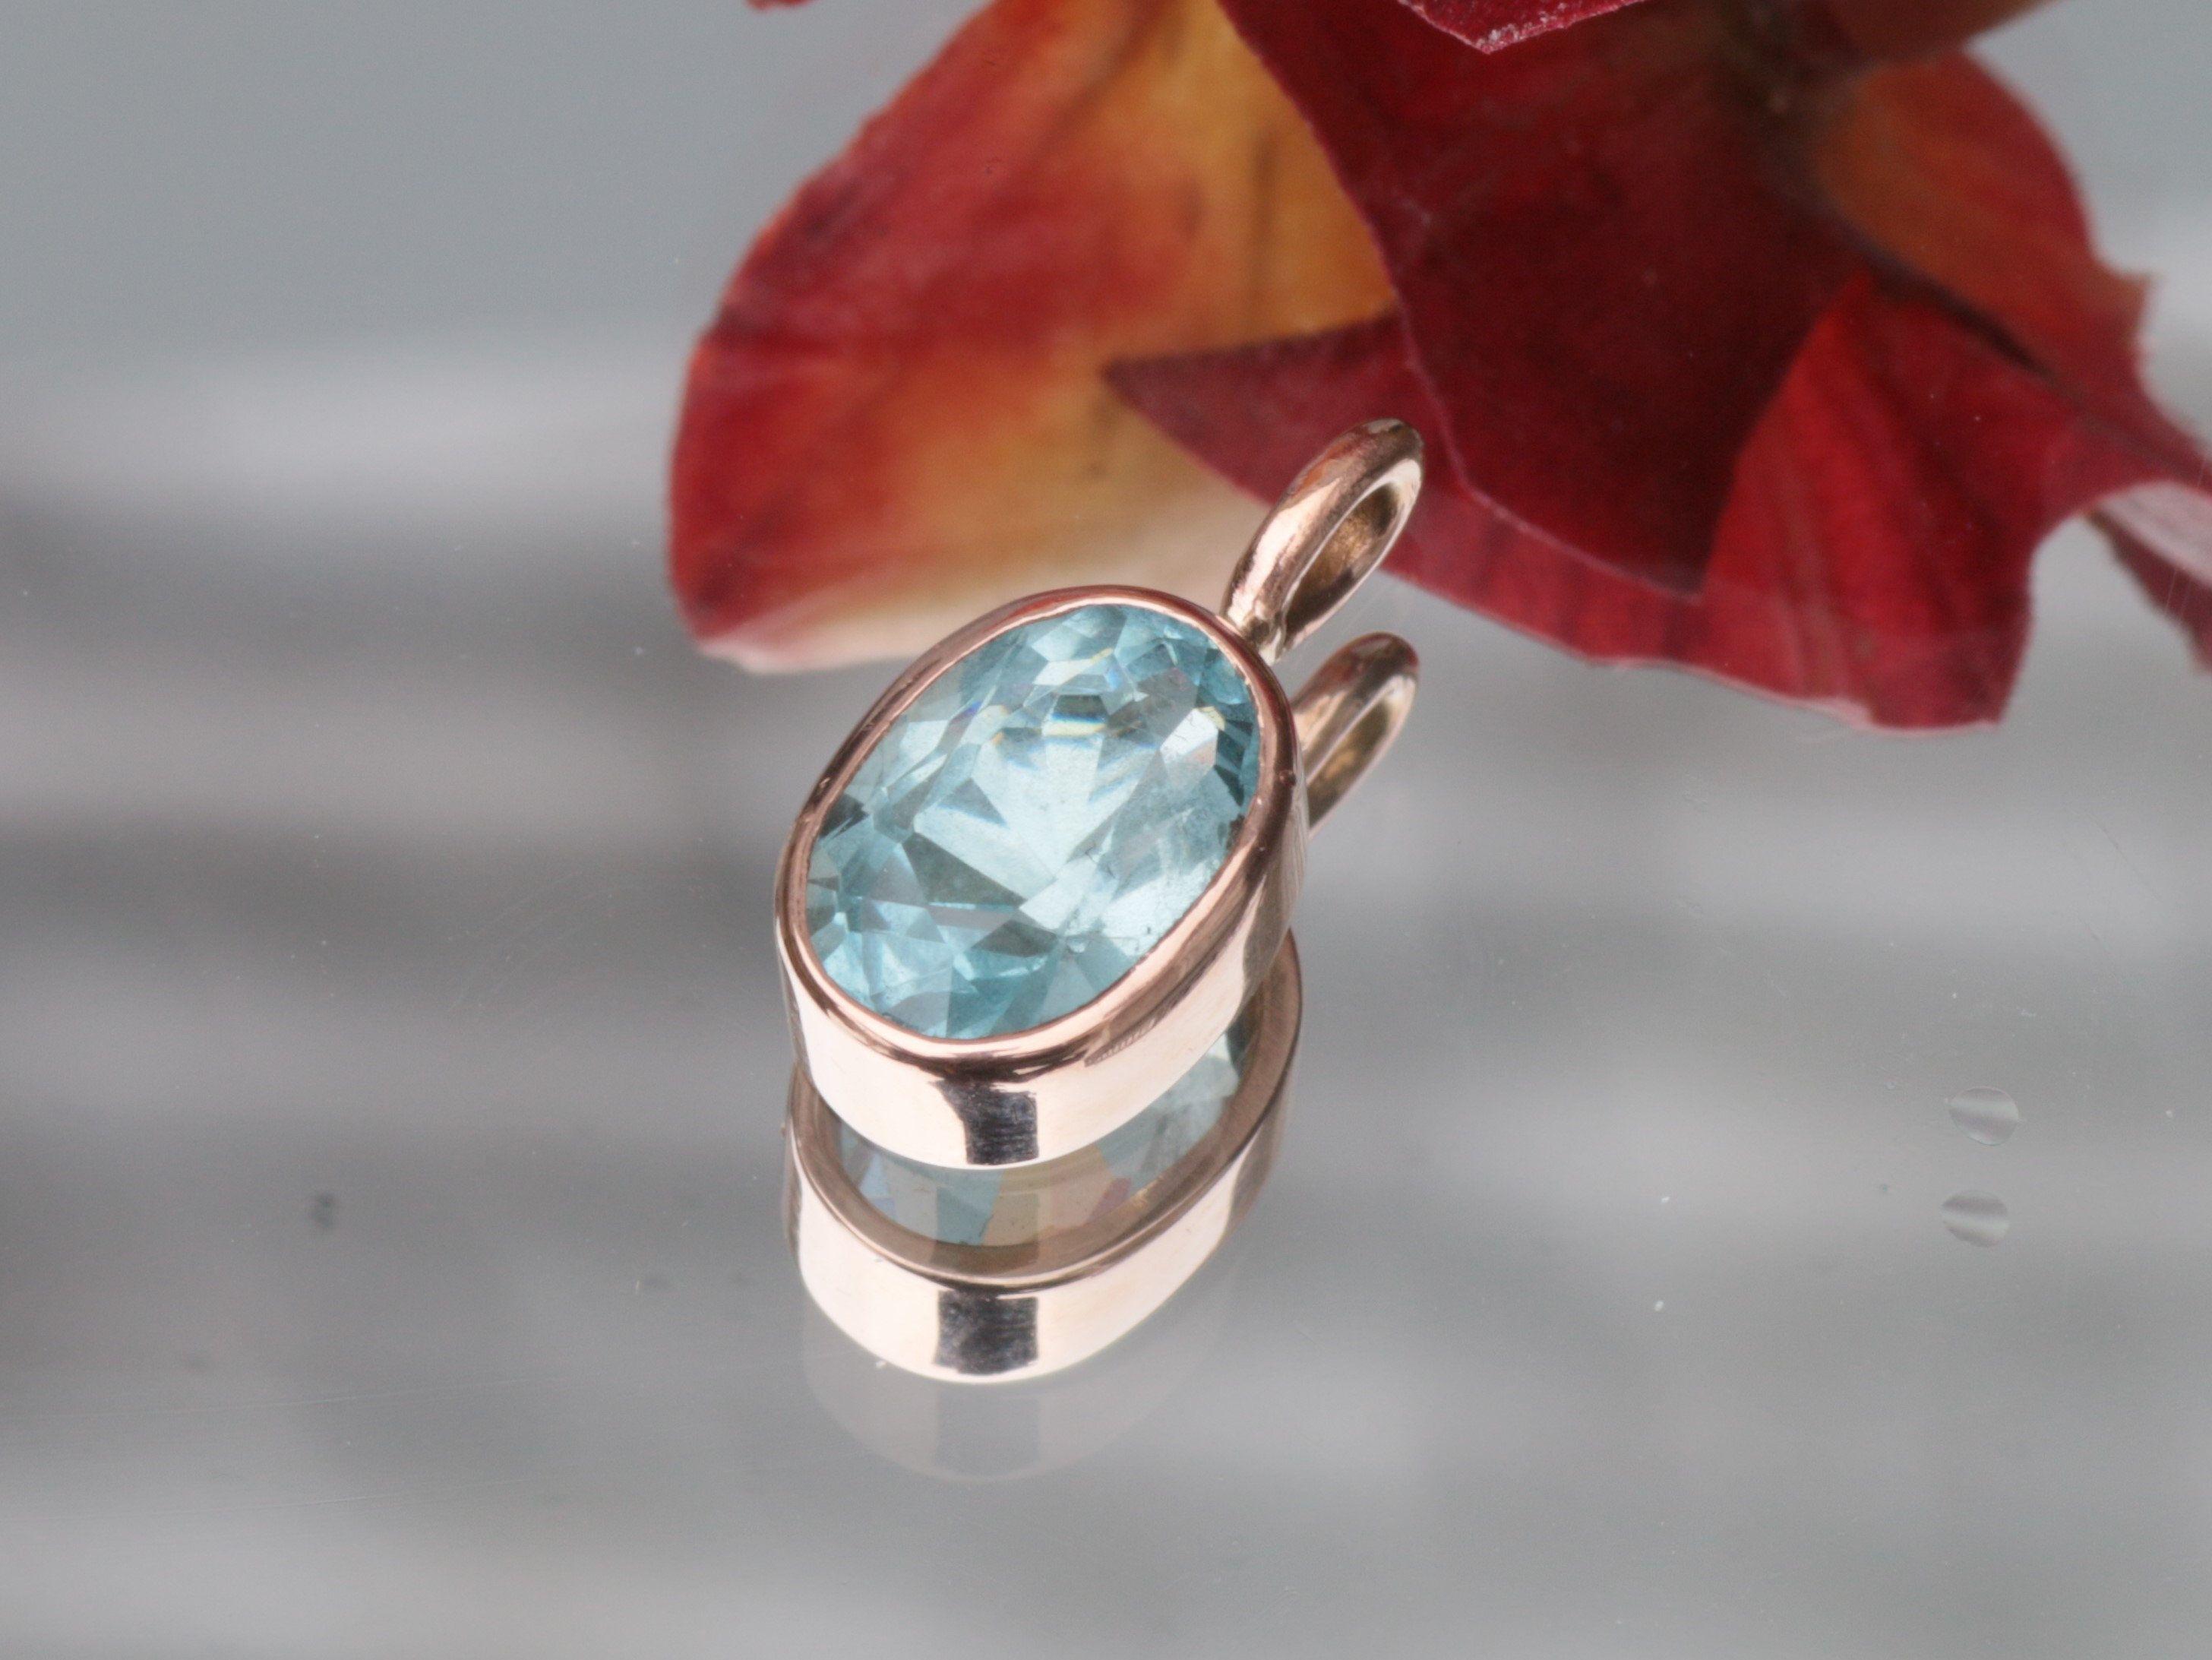 52d69d16c12 Handmade Aquamarine Pendant in 14k Rose Gold Made with 2.5ct Aquamarine  https